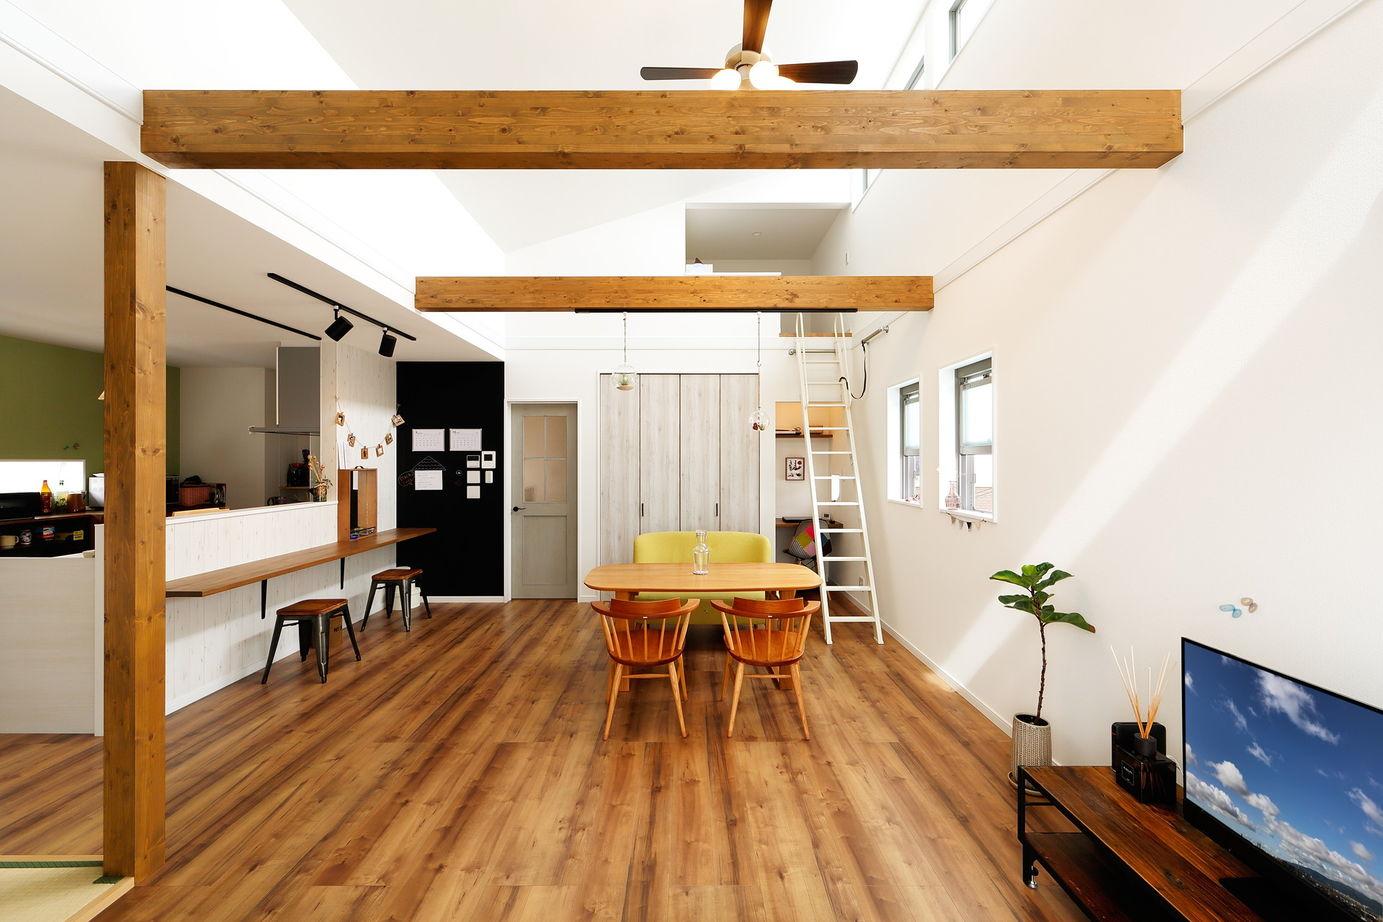 マンションもかなりの価格。それなら一戸建ては?から始まった、土地とセットで叶えた北欧カフェテイスト画像2